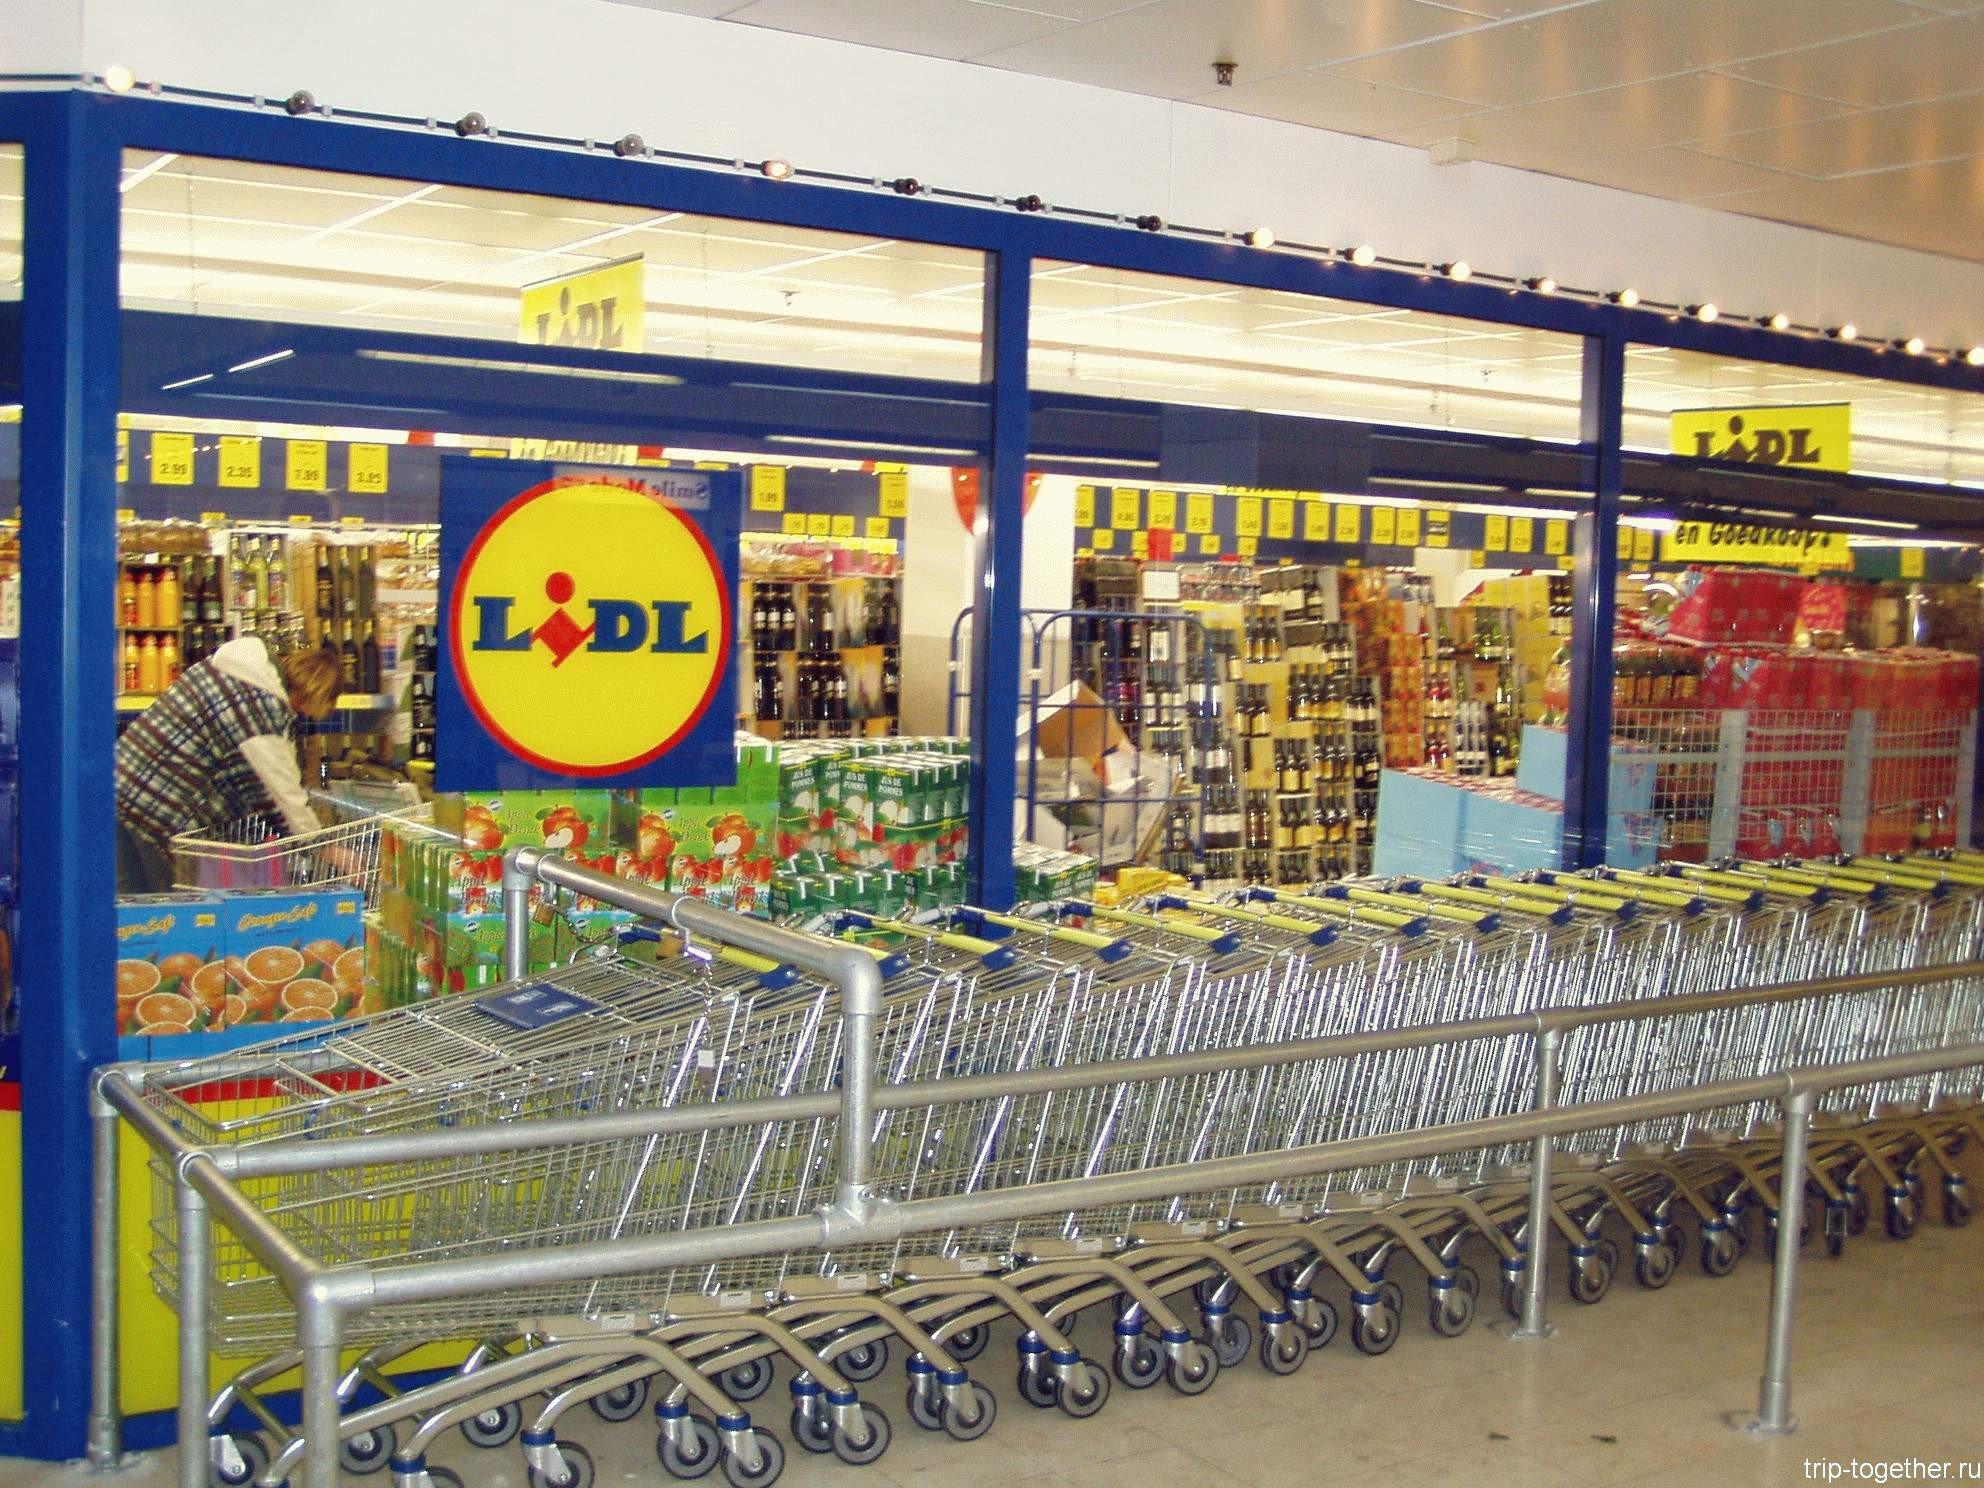 Магазины Lidl